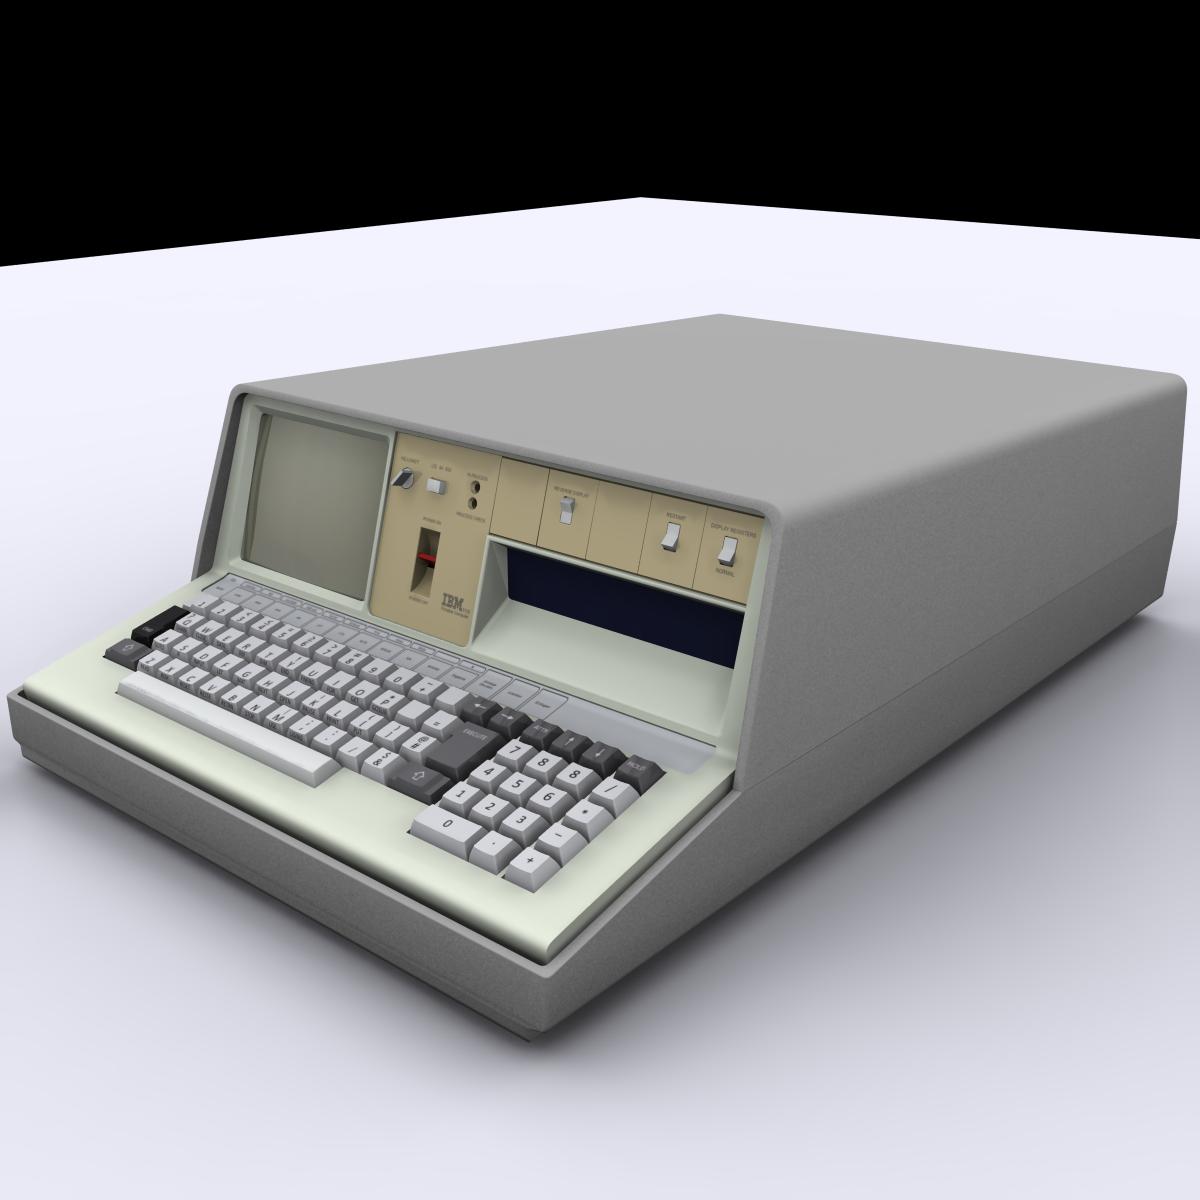 IBM 5100 Portable Computer 3D Model in Computer 3DExport